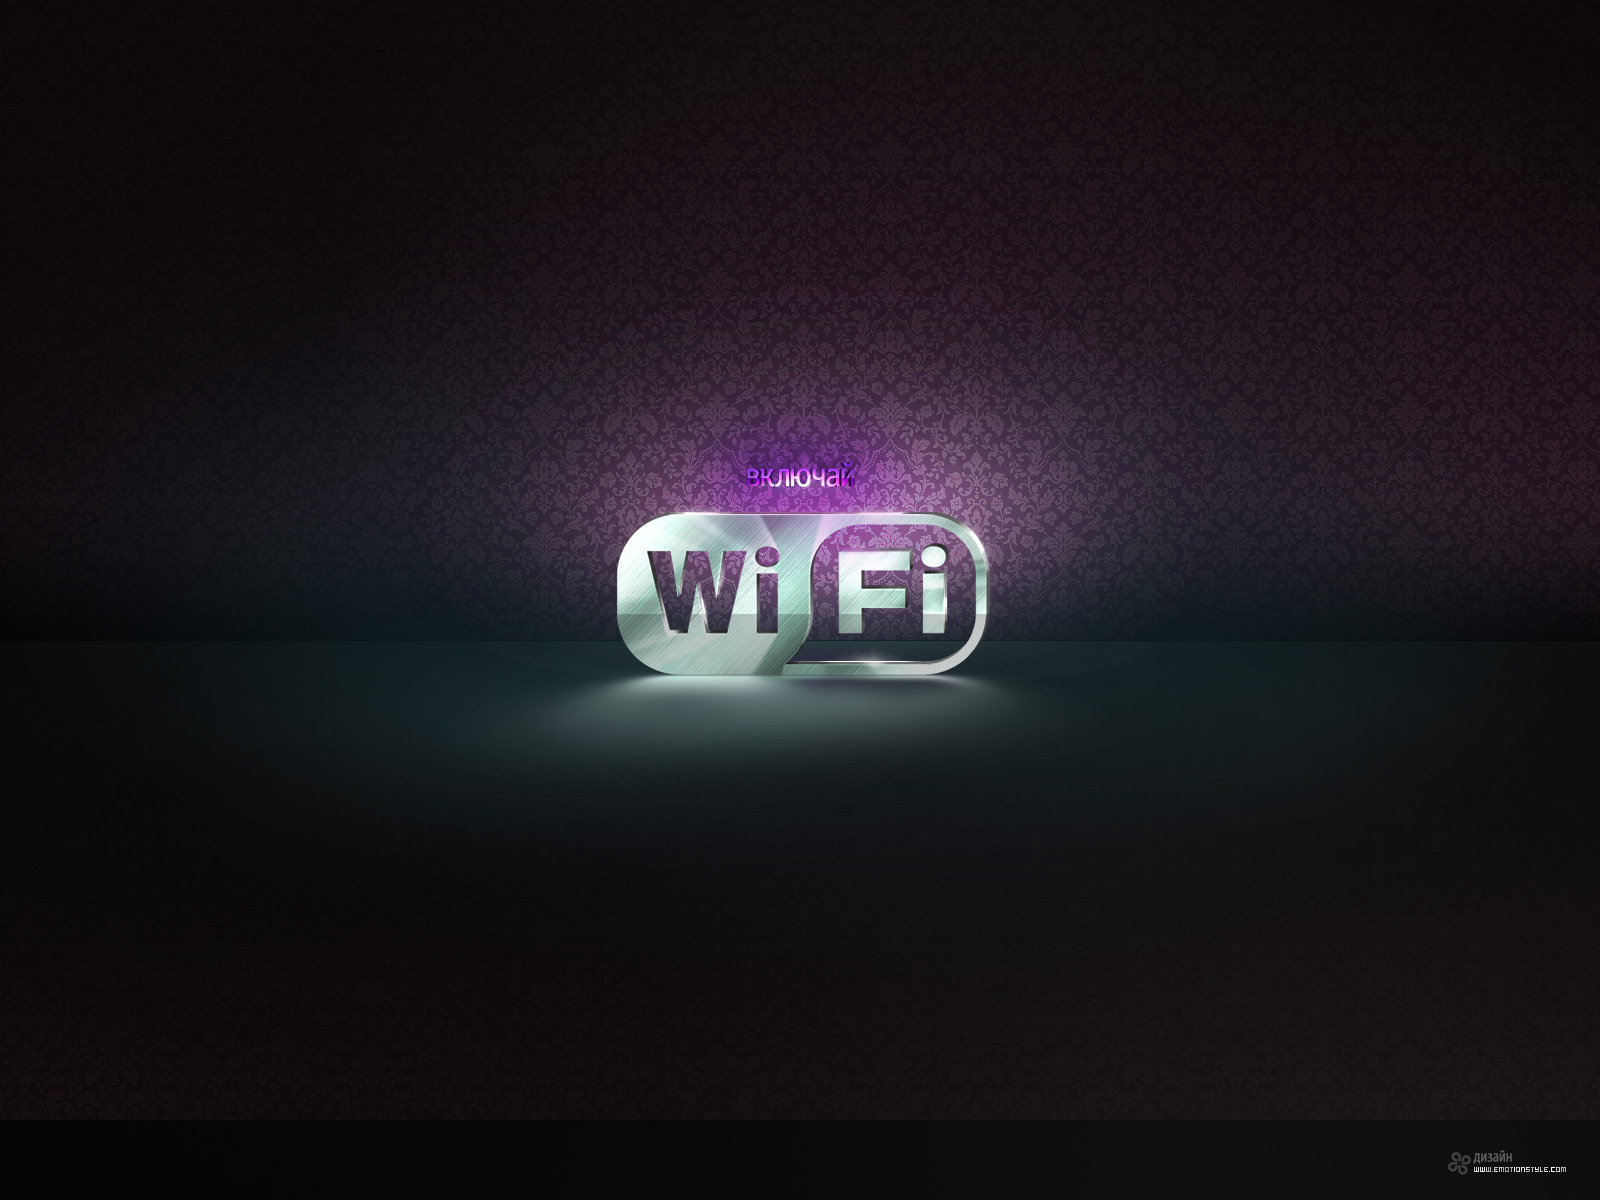 WiFi_turn it on